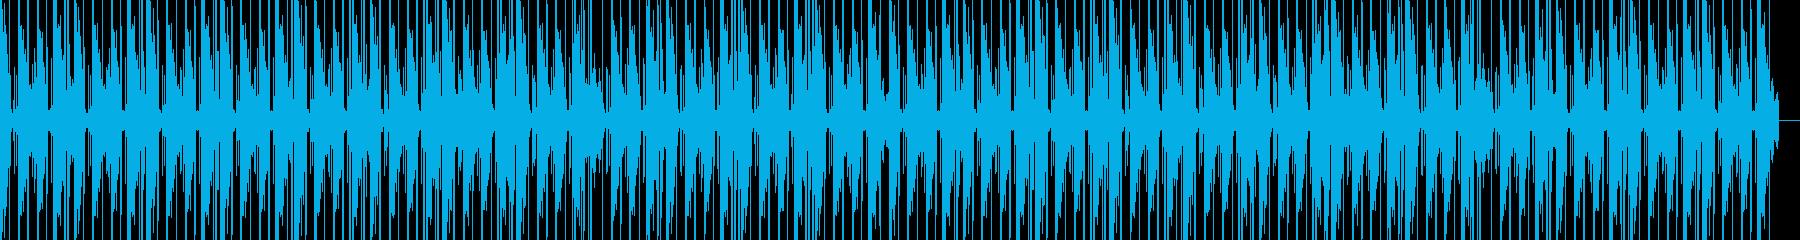 ピアノの音色が印象的なヒップホップの再生済みの波形